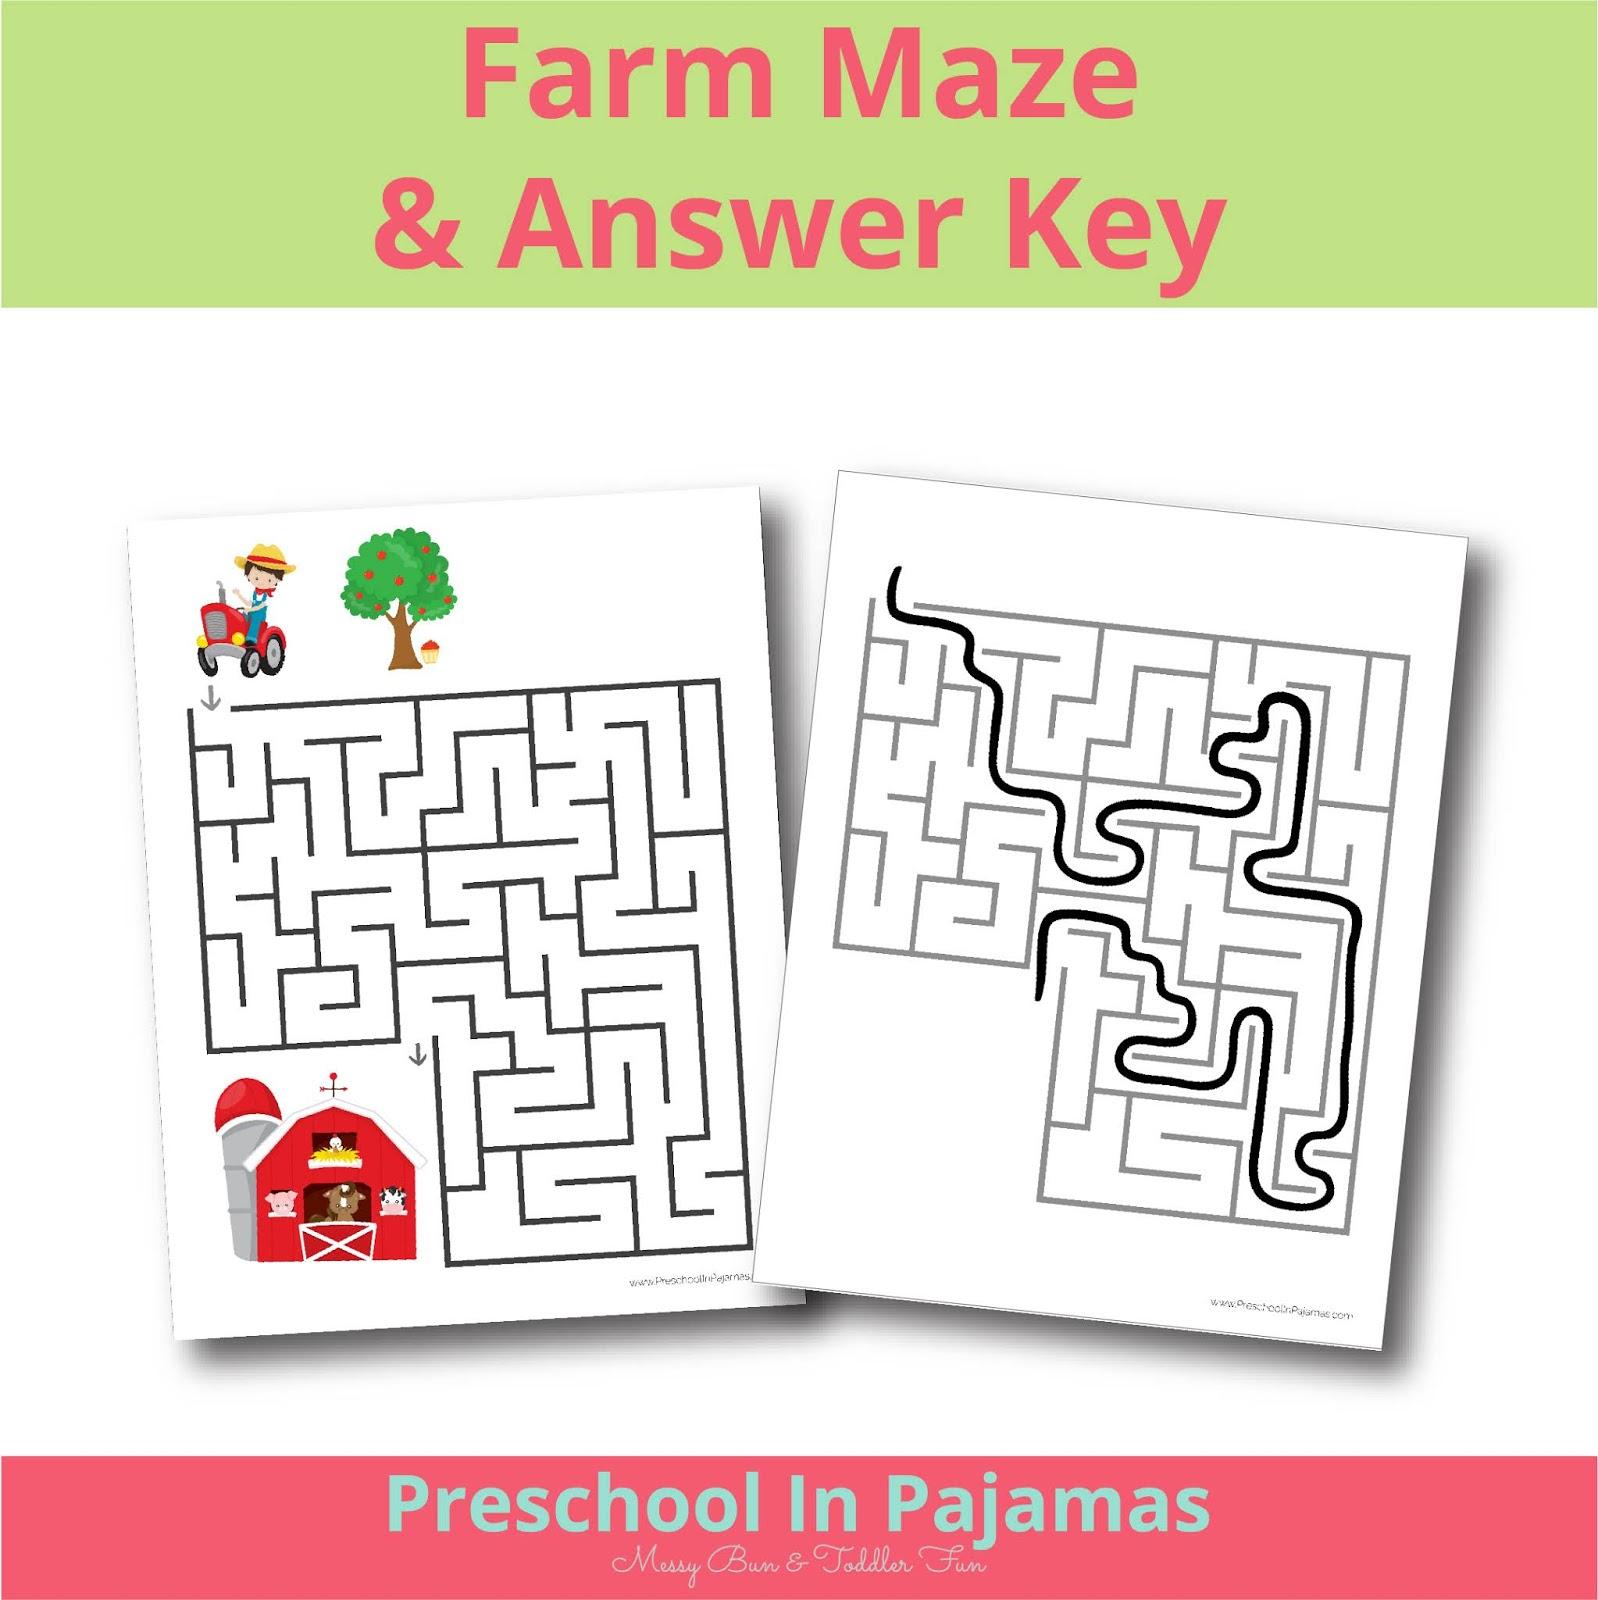 Free Farm Maze Printable Worksheet